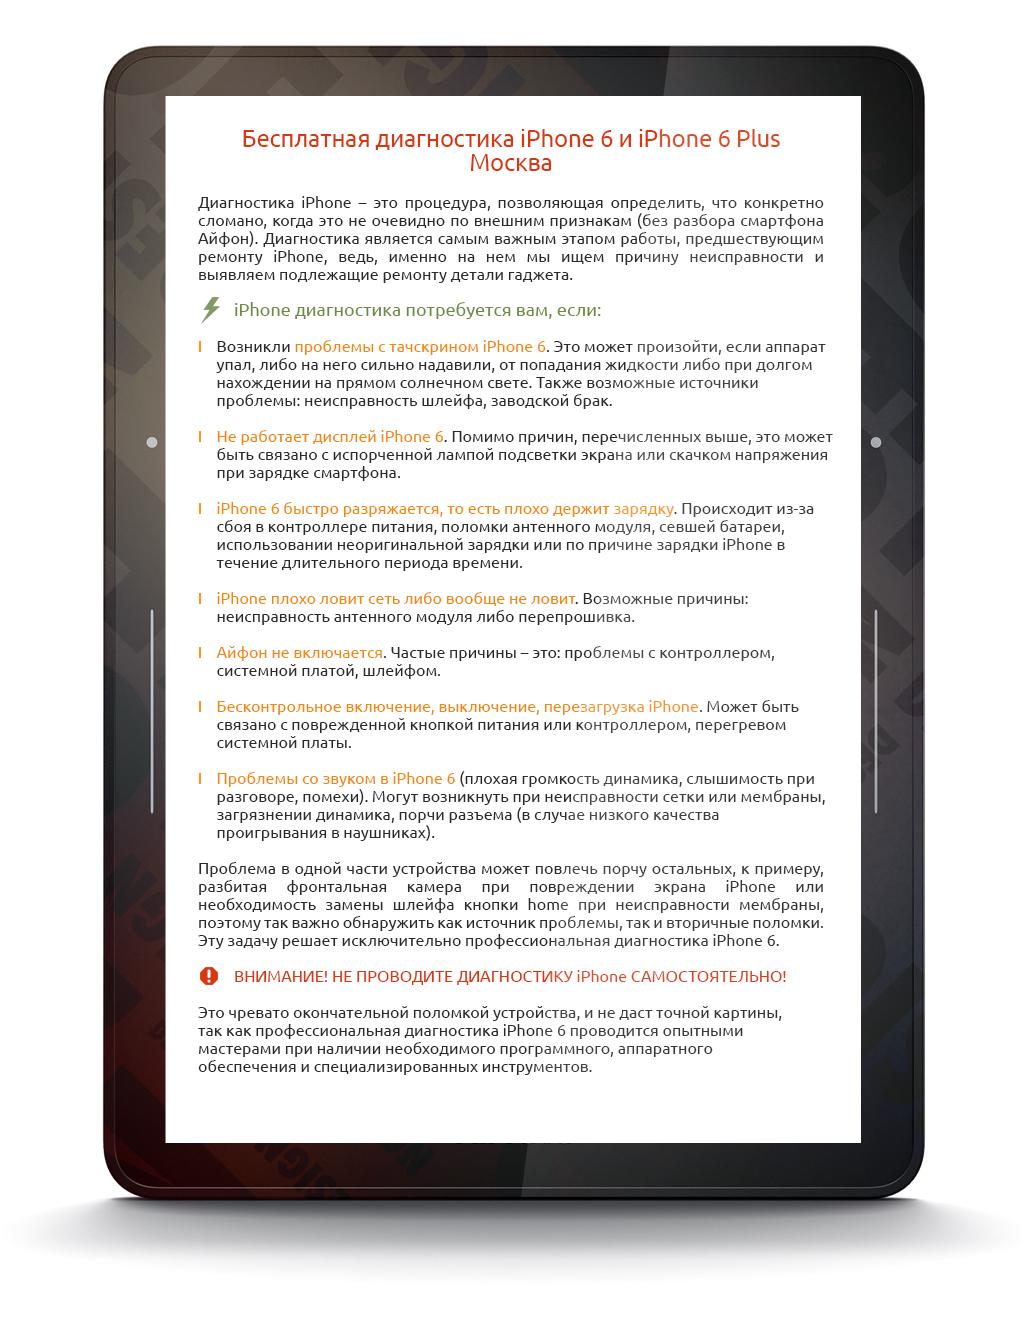 """Статья """"Бесплатная диагностика iPhone 6 и iPhone 6 Plus Москва"""""""